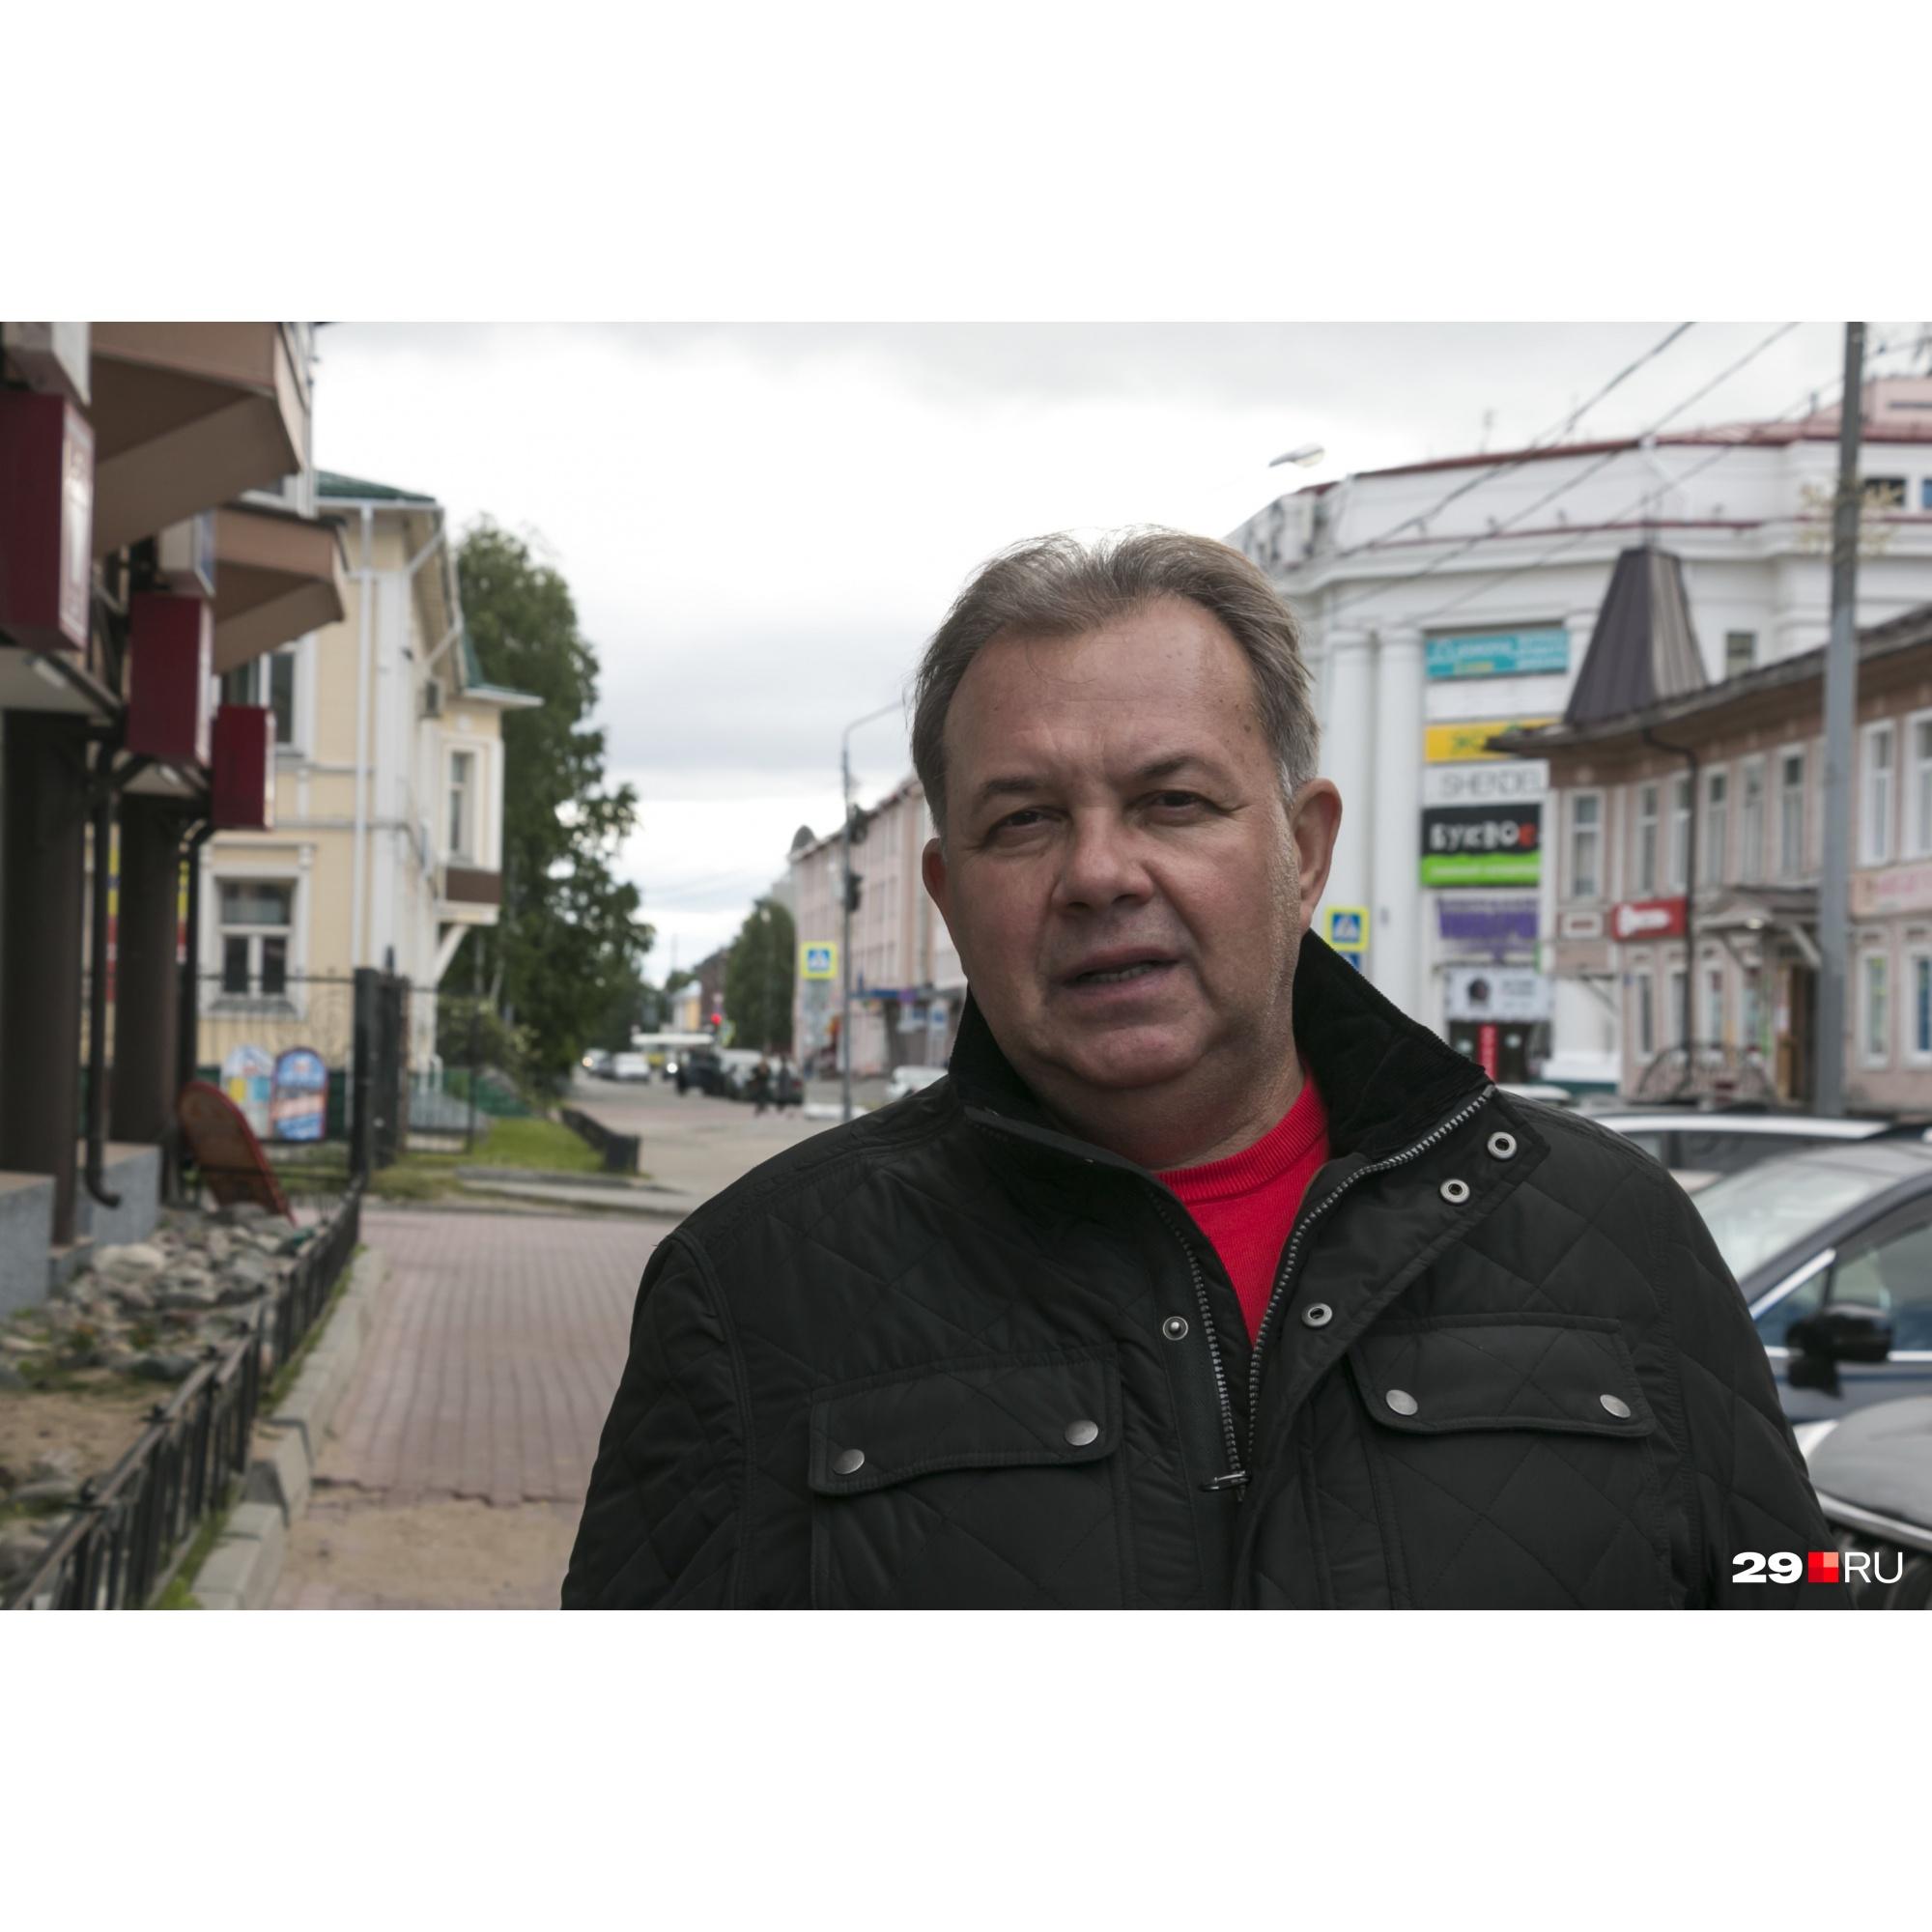 Виктор Павленко был мэром с 2008 по 2012 год